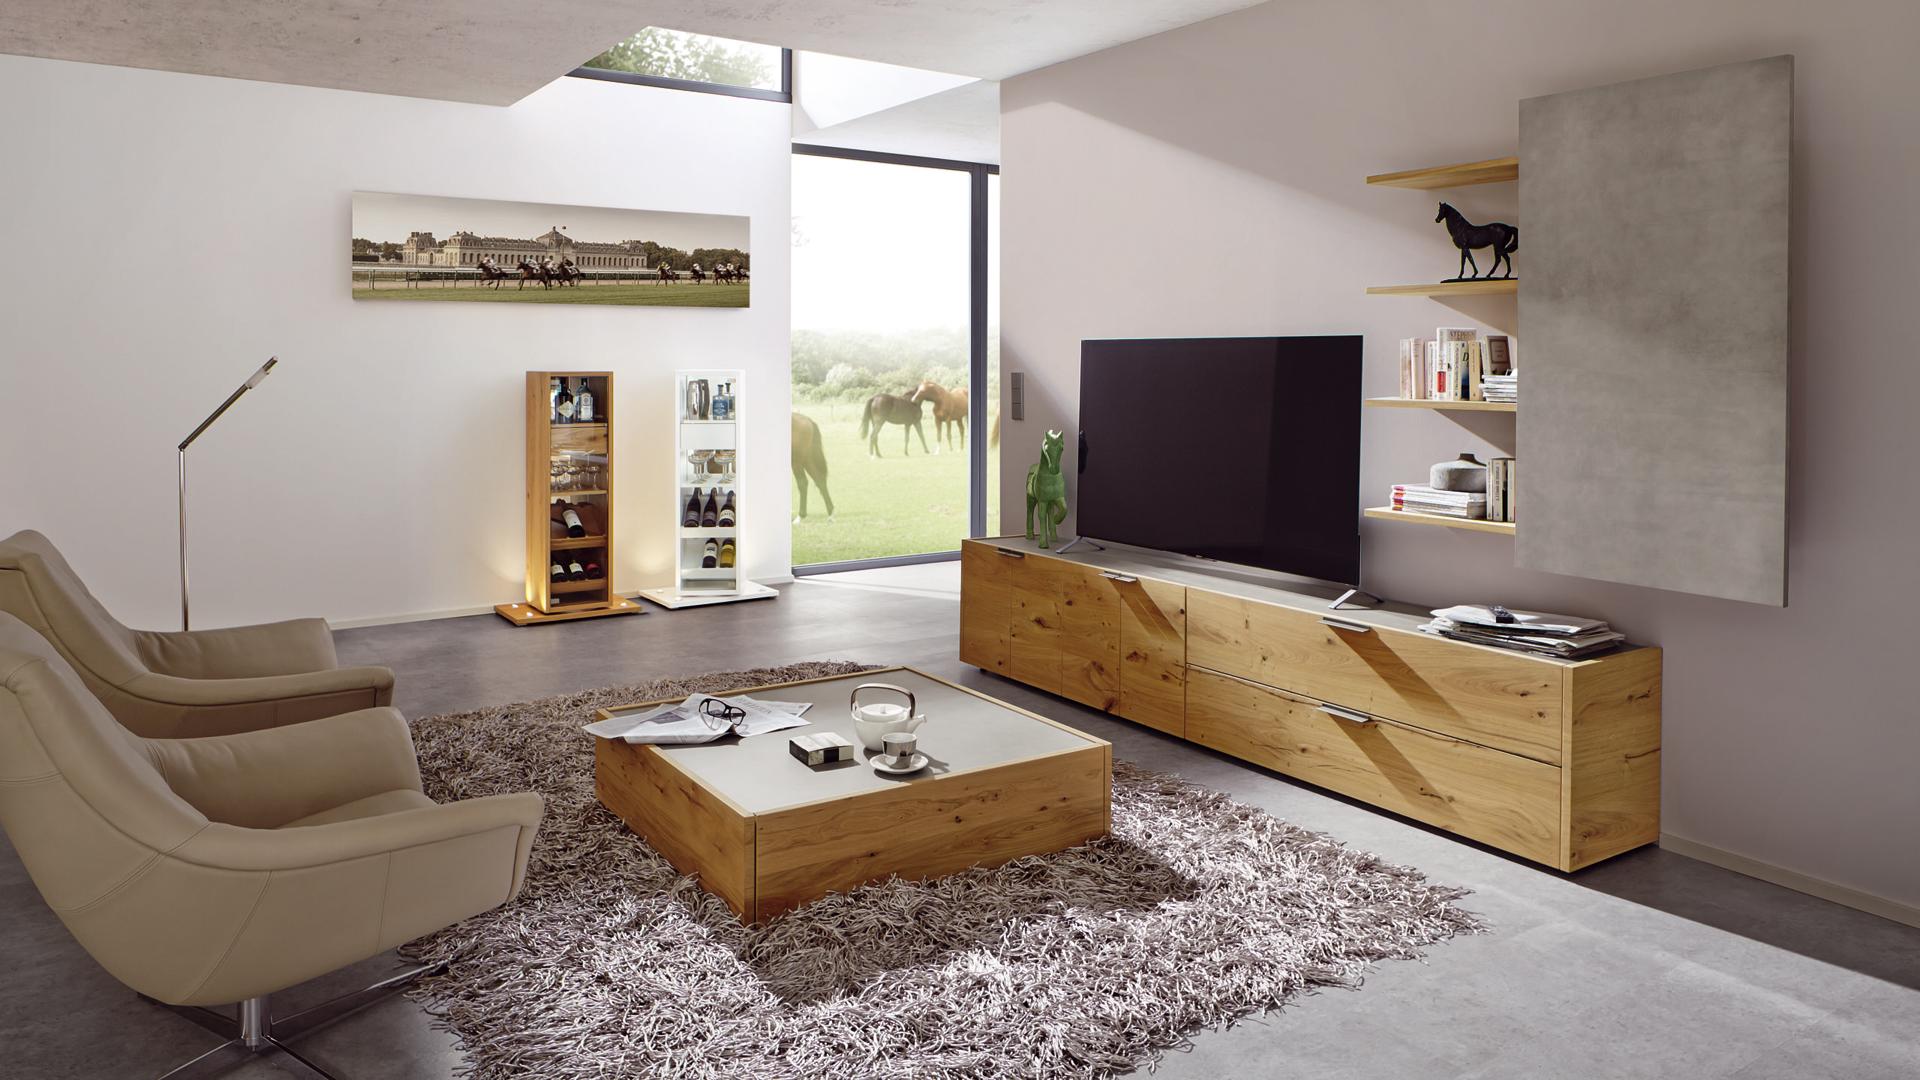 Hülsta Kindermöbel Regale Sofas Stühle Und Tische Bei Prinz Wohnen